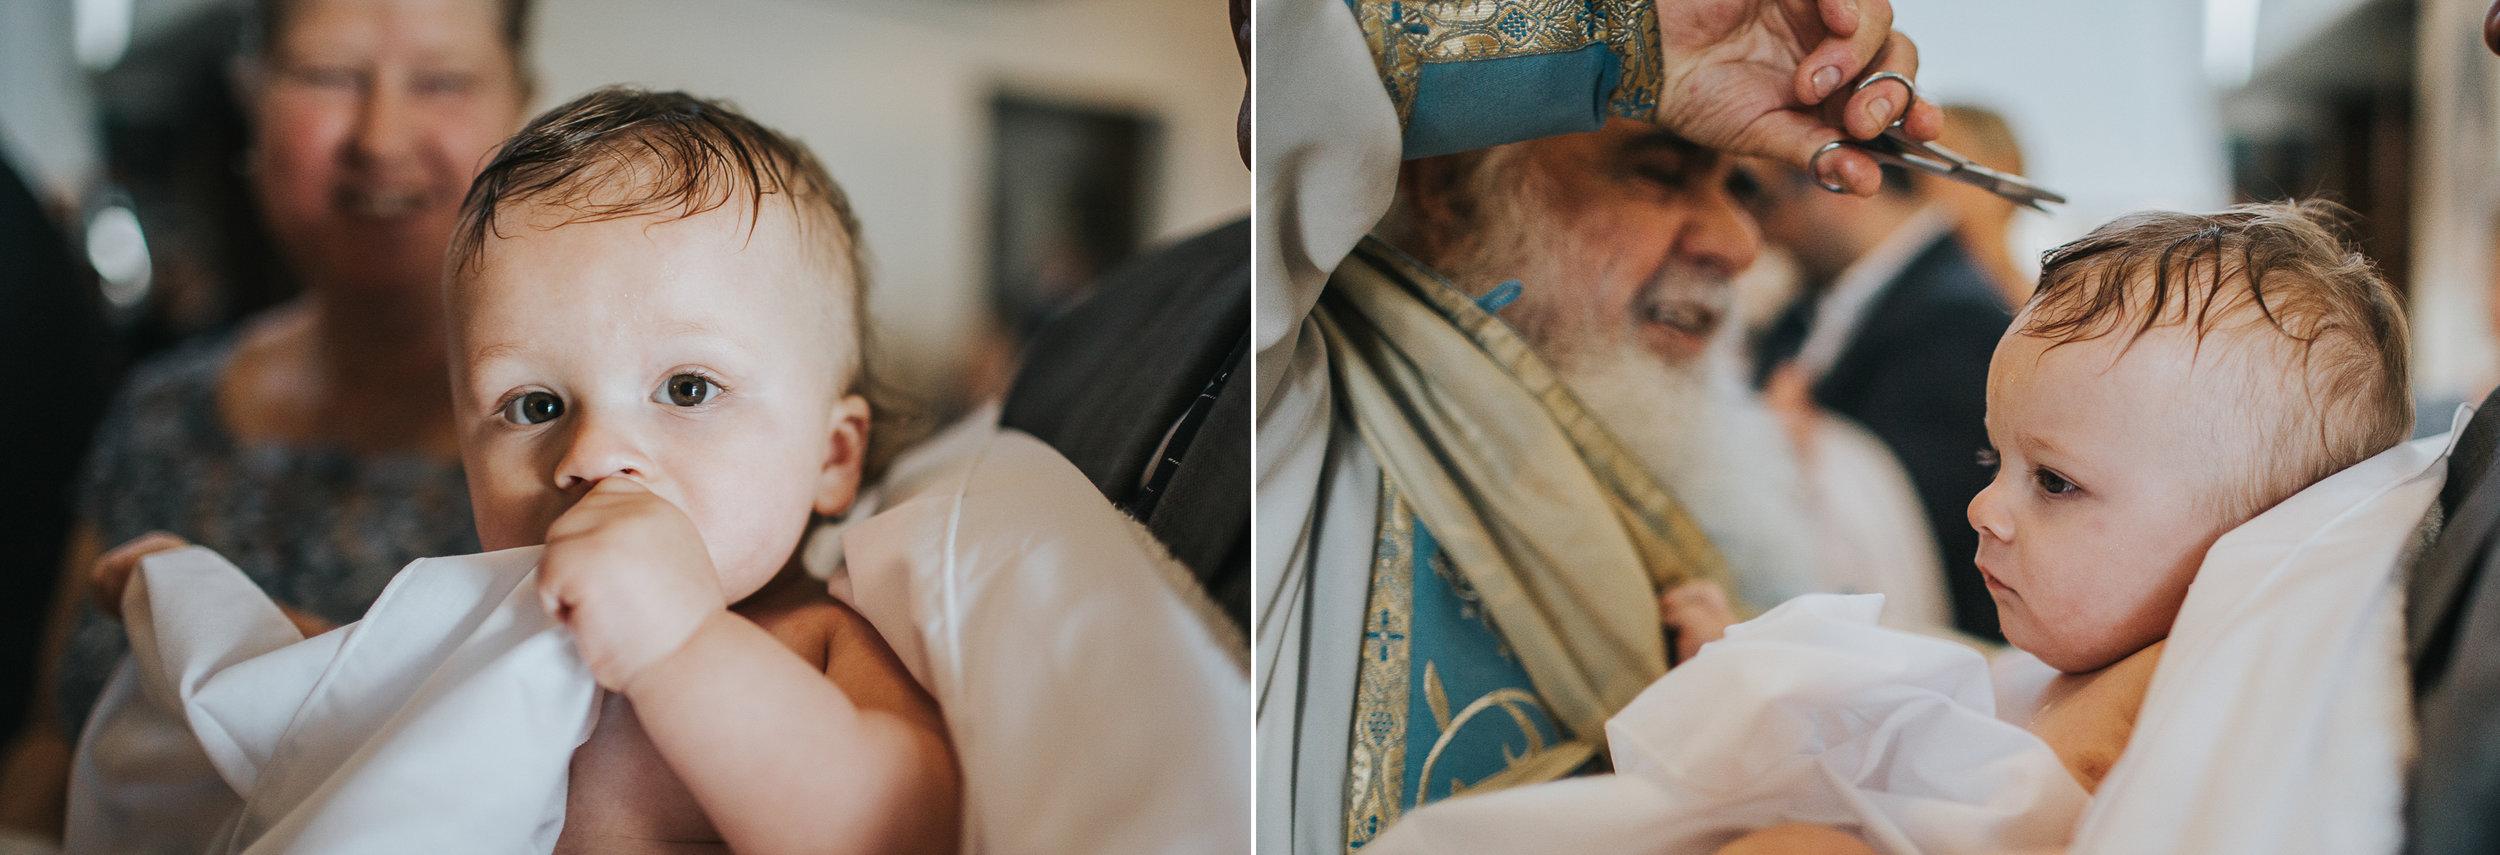 Macedonian_Orthodox_Christening_Sydney.06.jpg